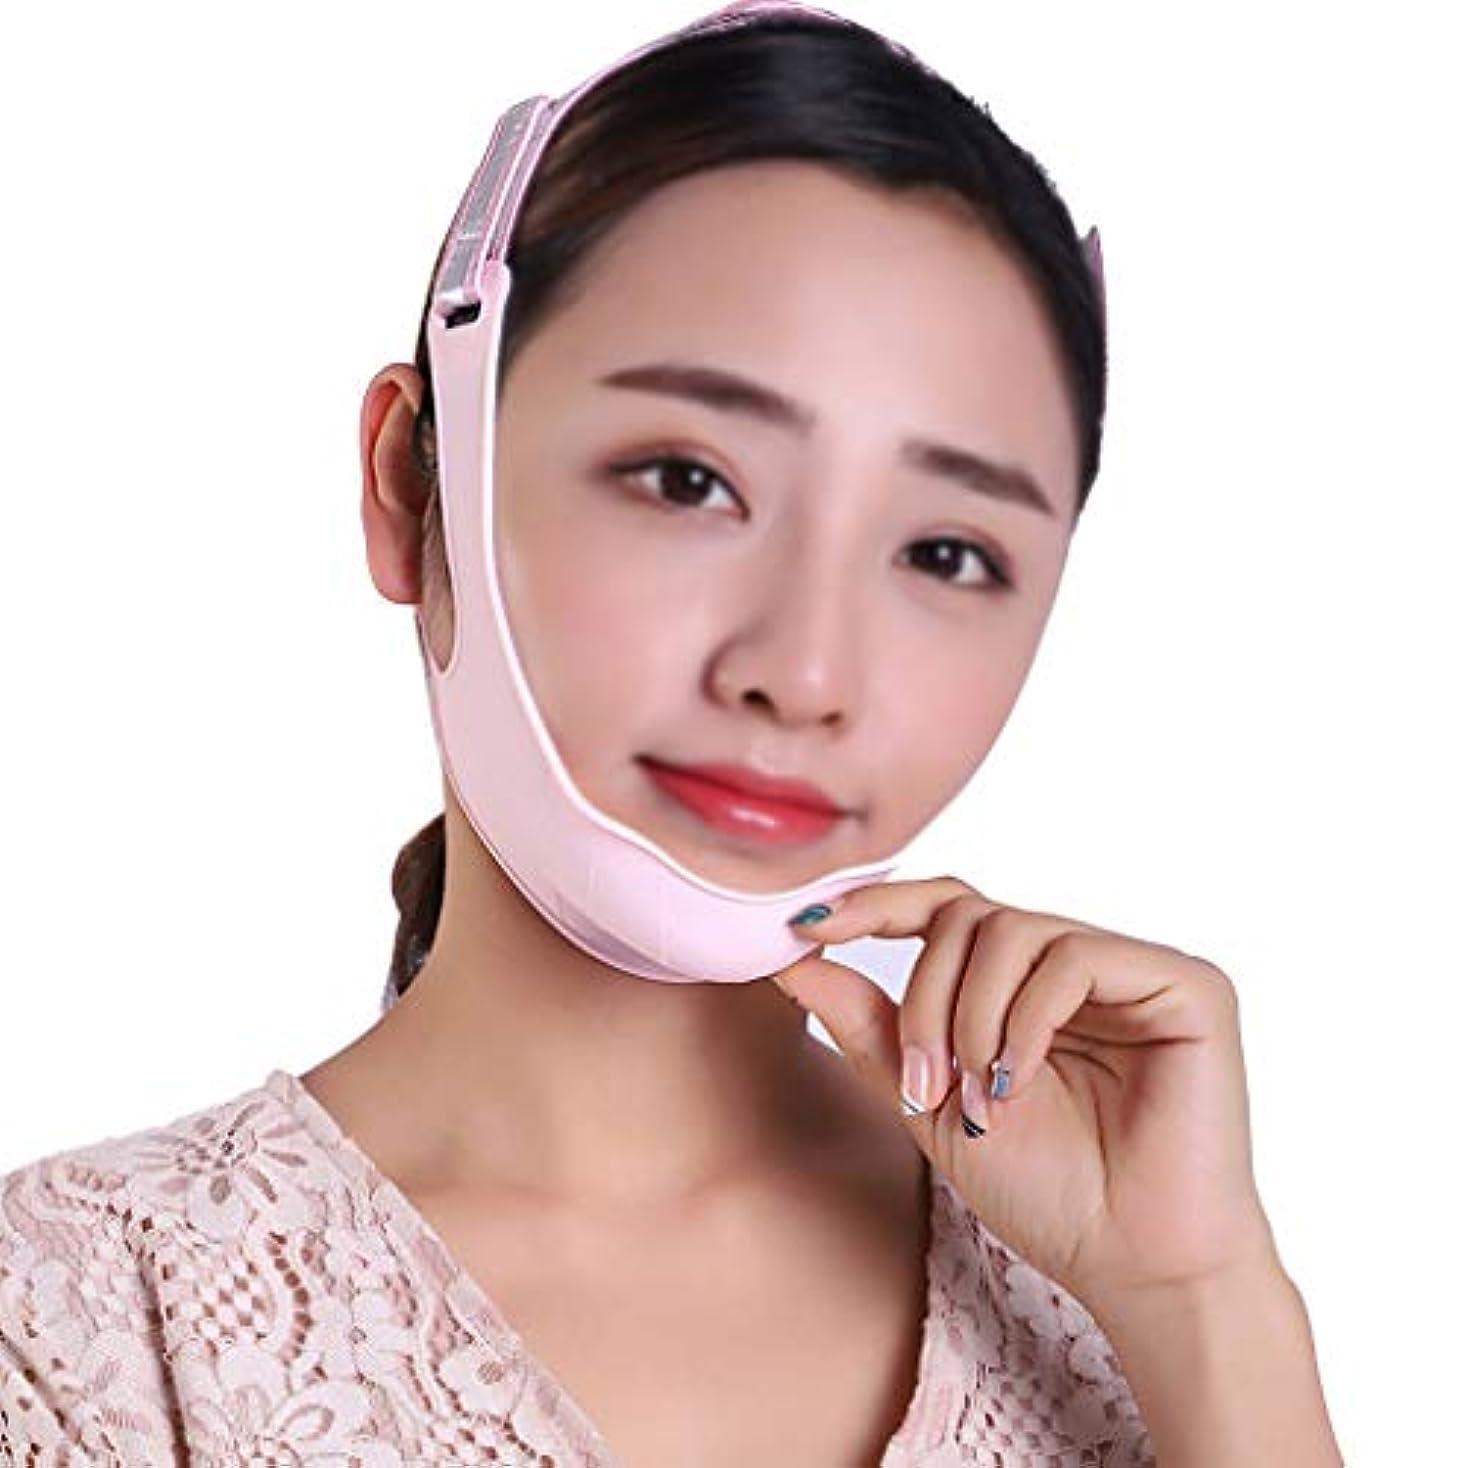 攻撃的安息者顔と首リフトポスト弾性スリーブシリコーンVフェイスマスクタイトリフティング薄い顔包帯収縮咬筋小V顔アーチファクト防止術後回復補助ベルト (Size : M)